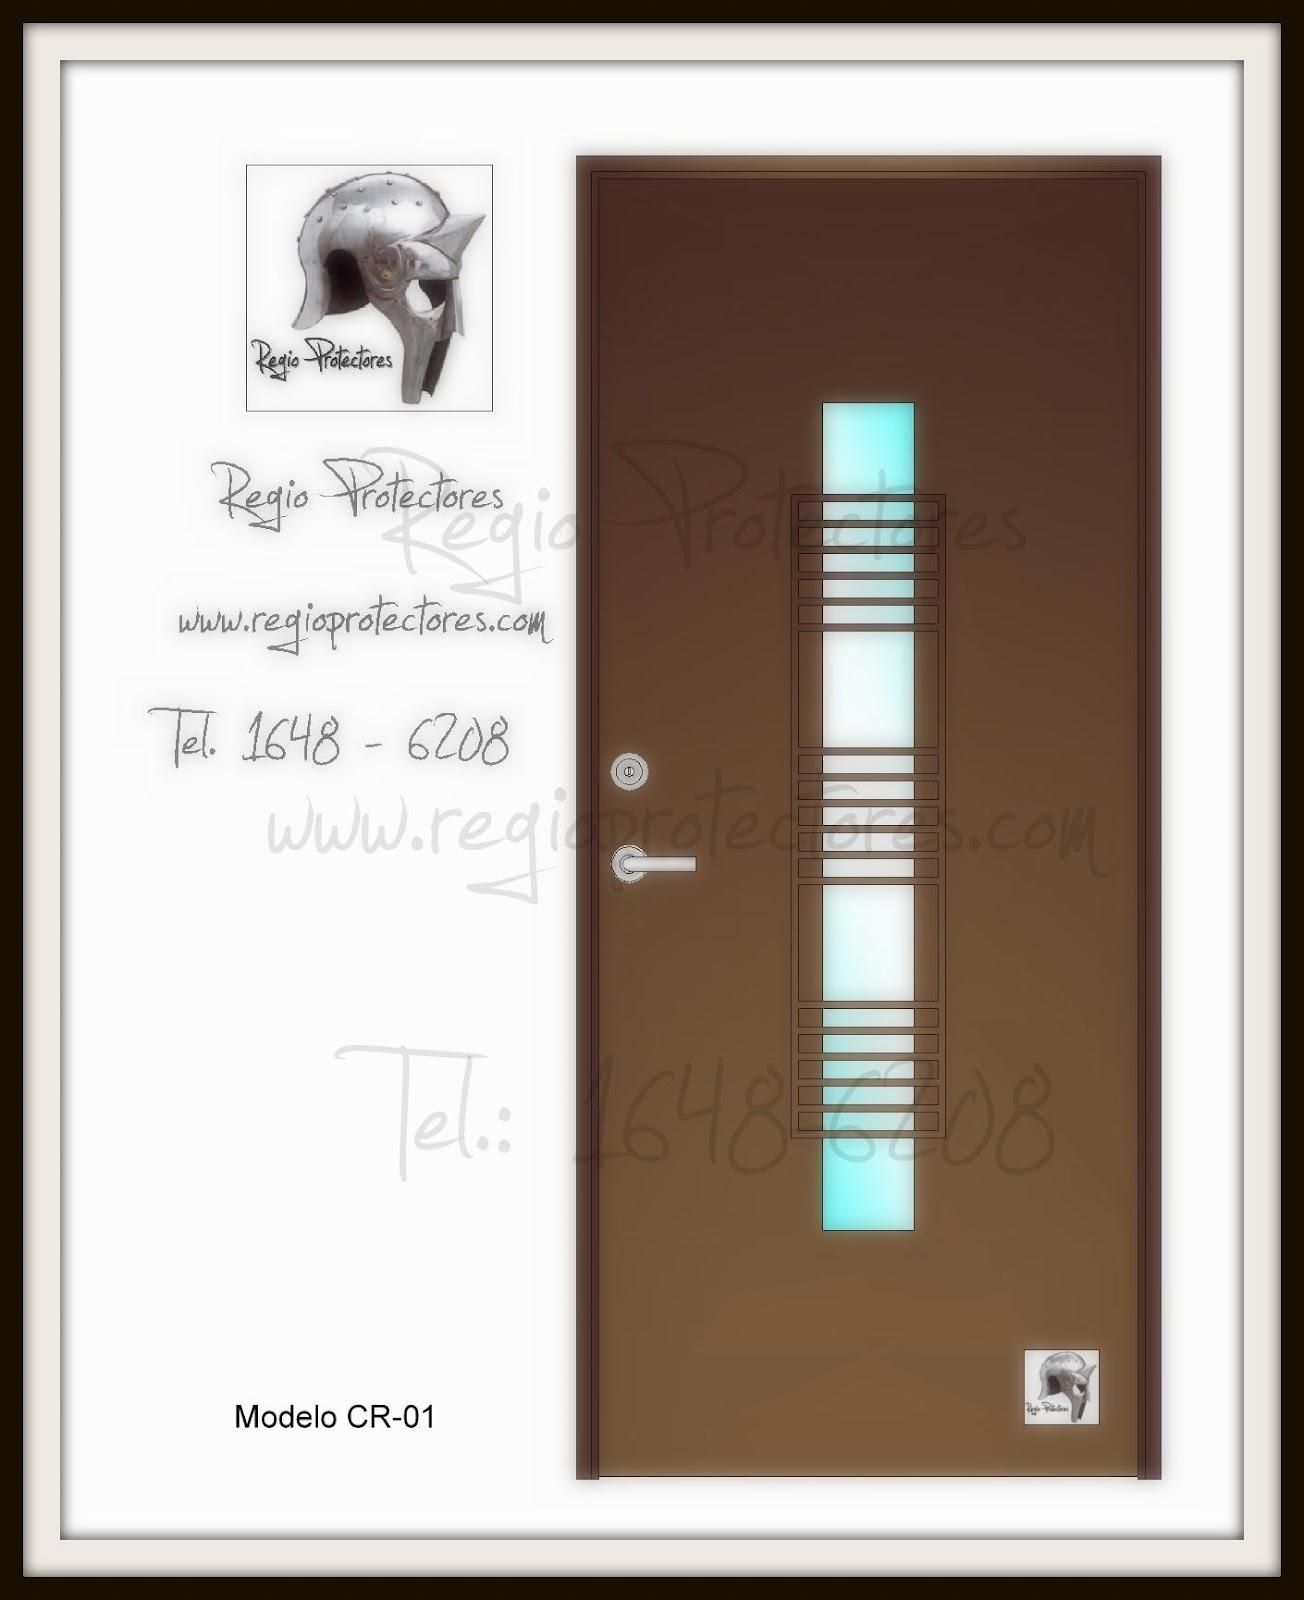 Regio protectores puerta contempor nea de hierro modelo for Modelos de puertas principales en metal